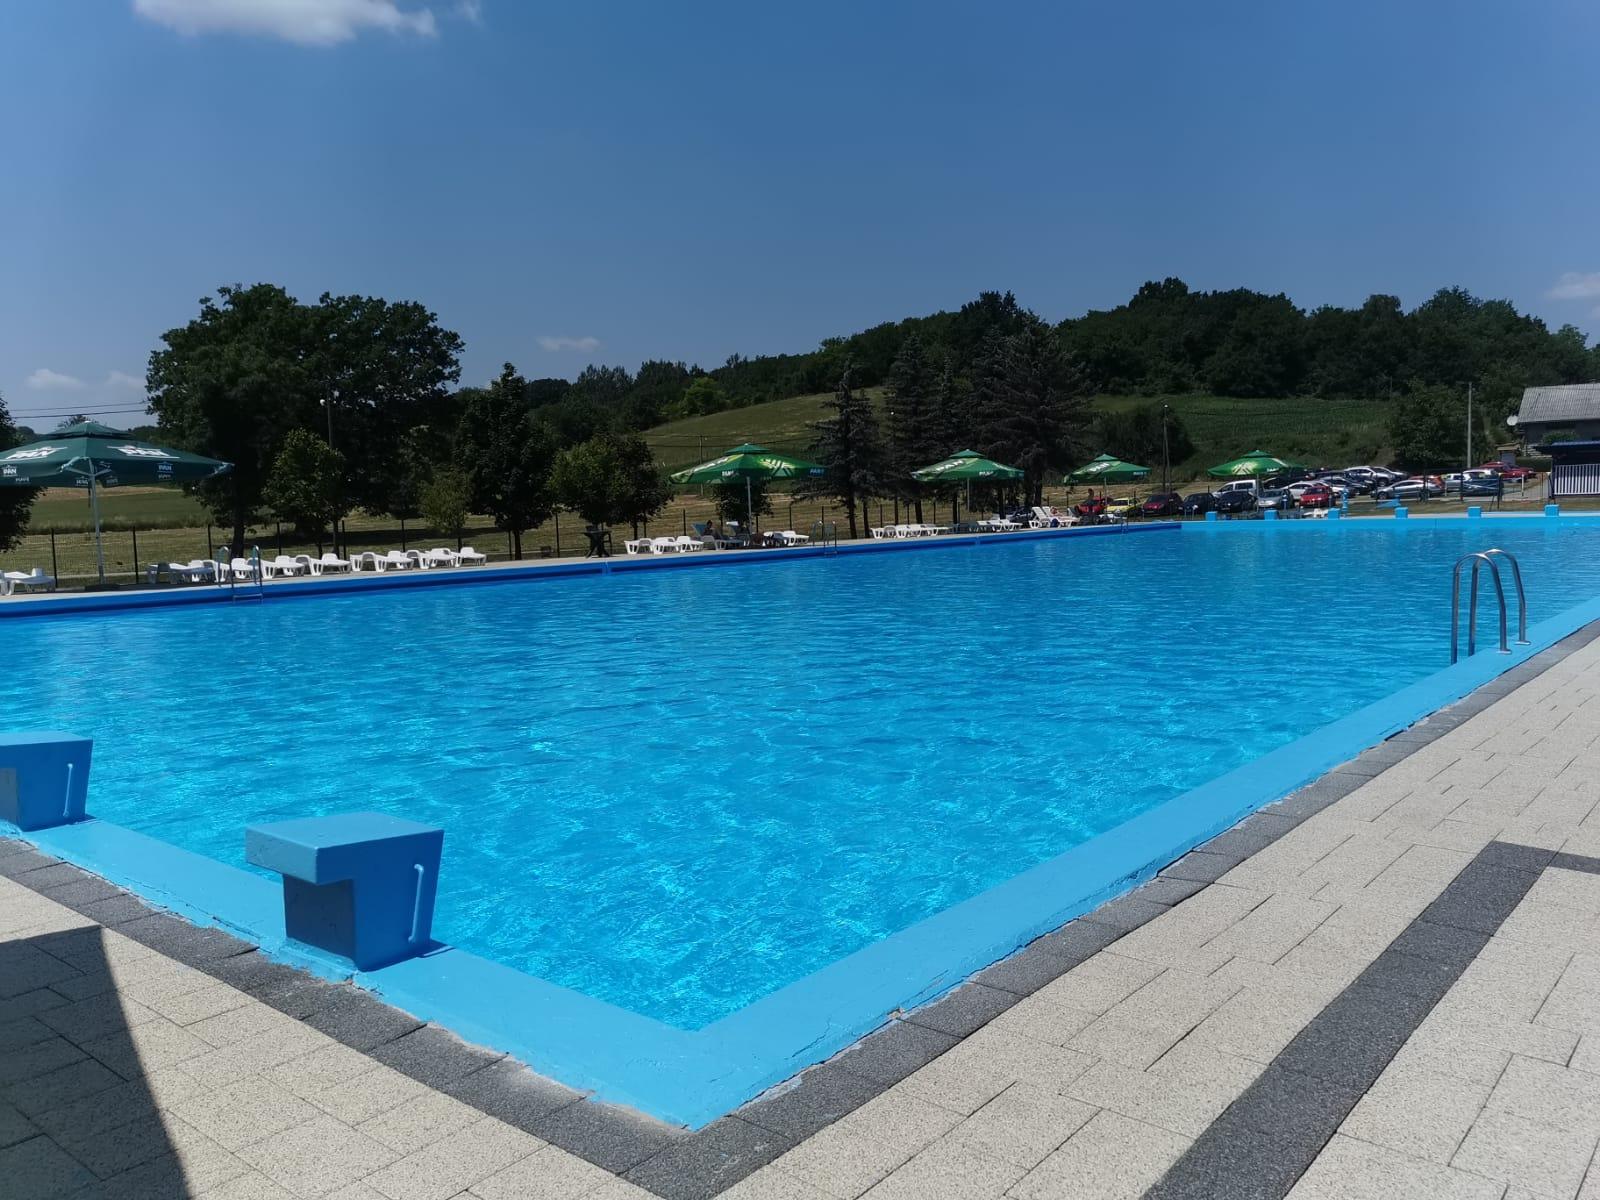 Otvoren bazen u Šandrovcu, danas je kupanje besplatno!